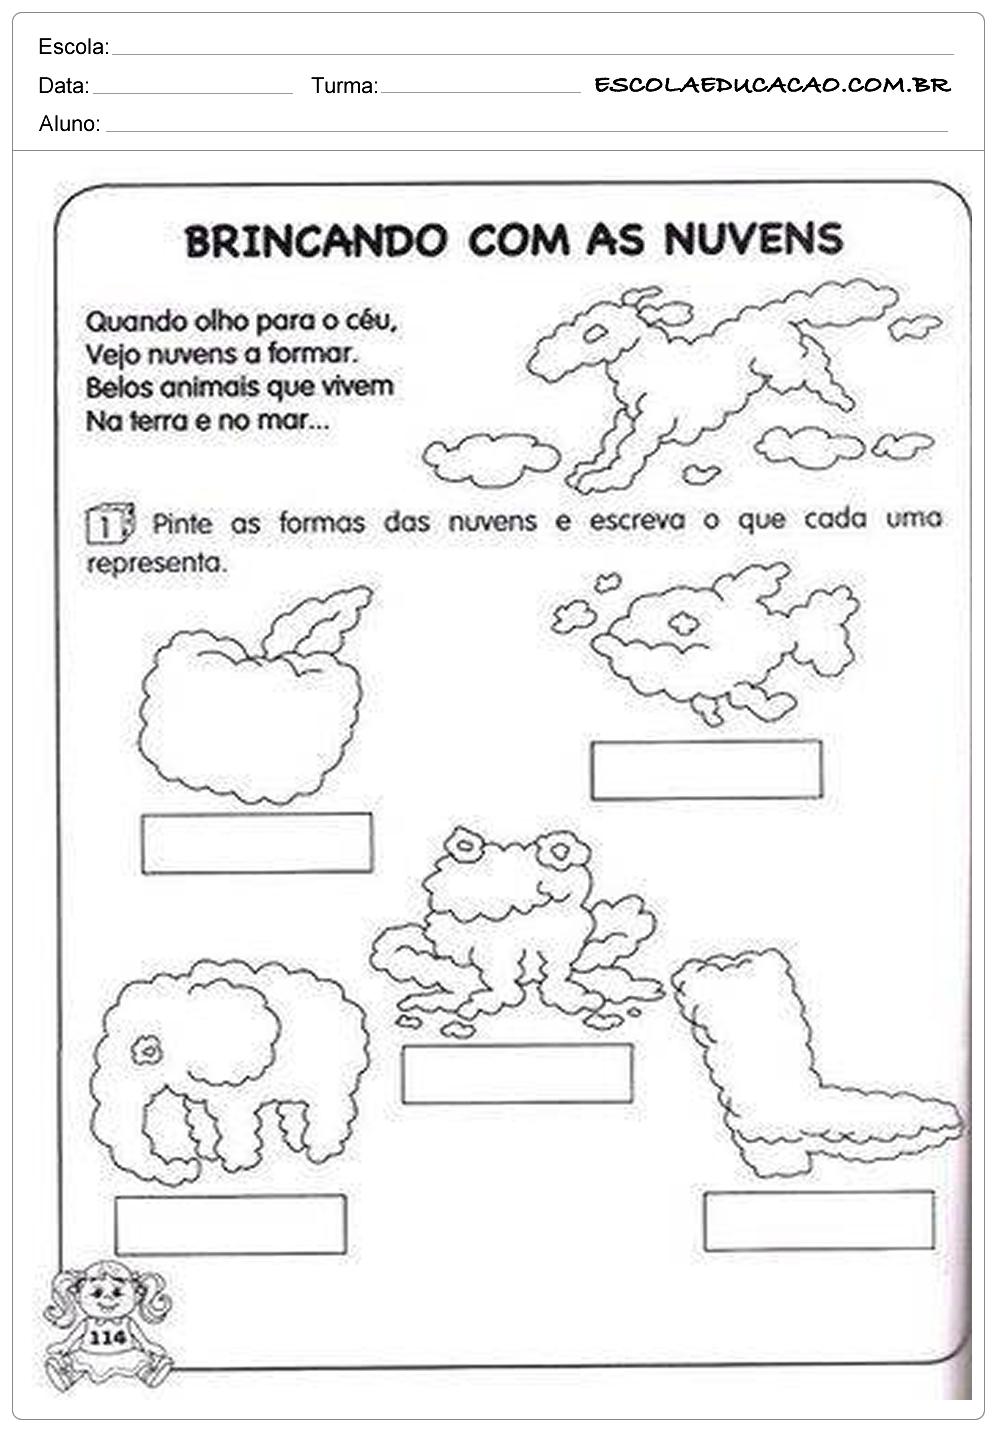 Atividades de Português 1º ano – Brincando com as nuvens